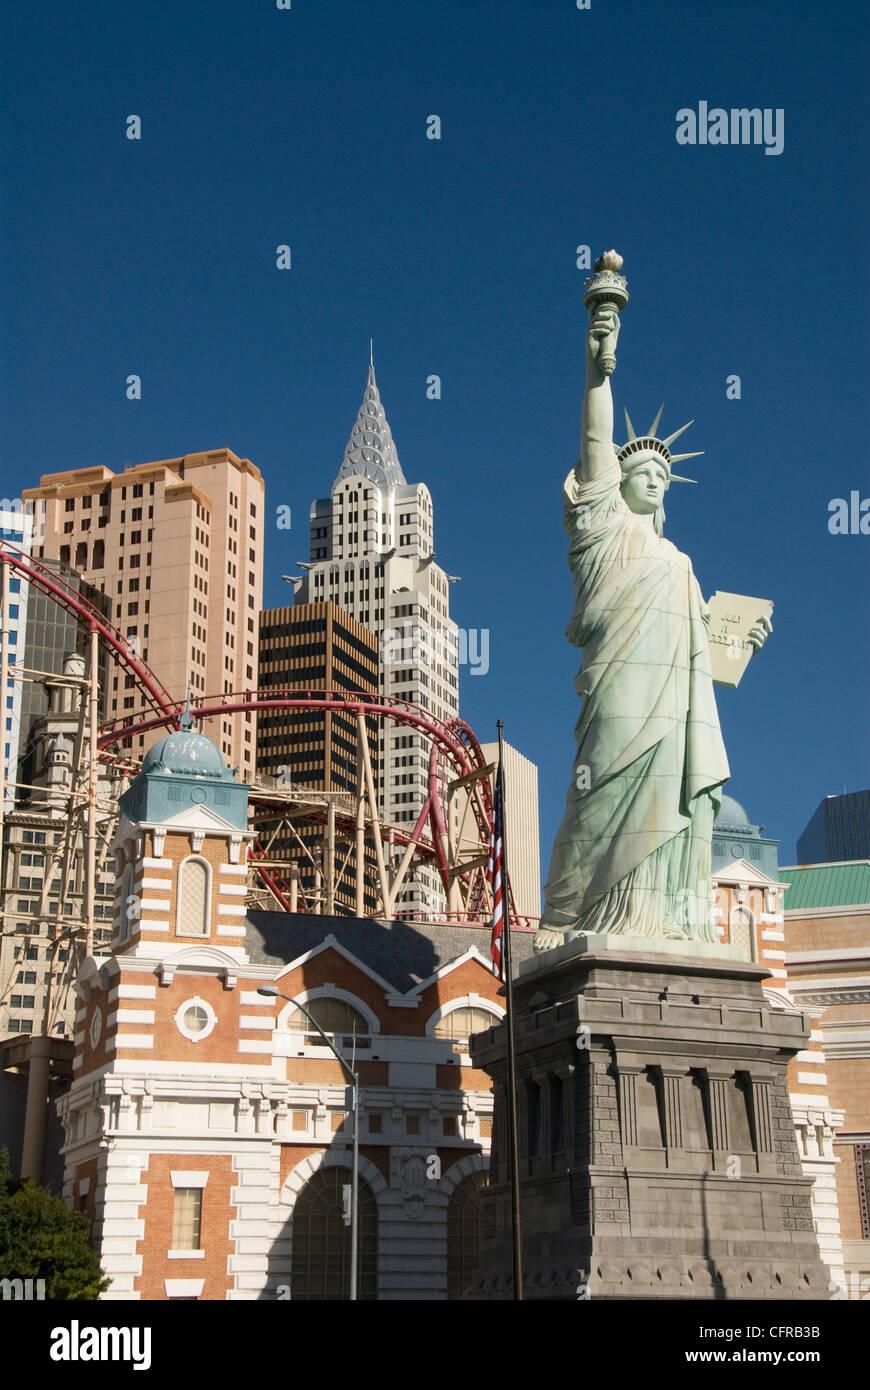 New York-New York Hotel und Nachbildung der Statue of Liberty, Las Vegas, Nevada, Vereinigte Staaten von Amerika, Stockfoto